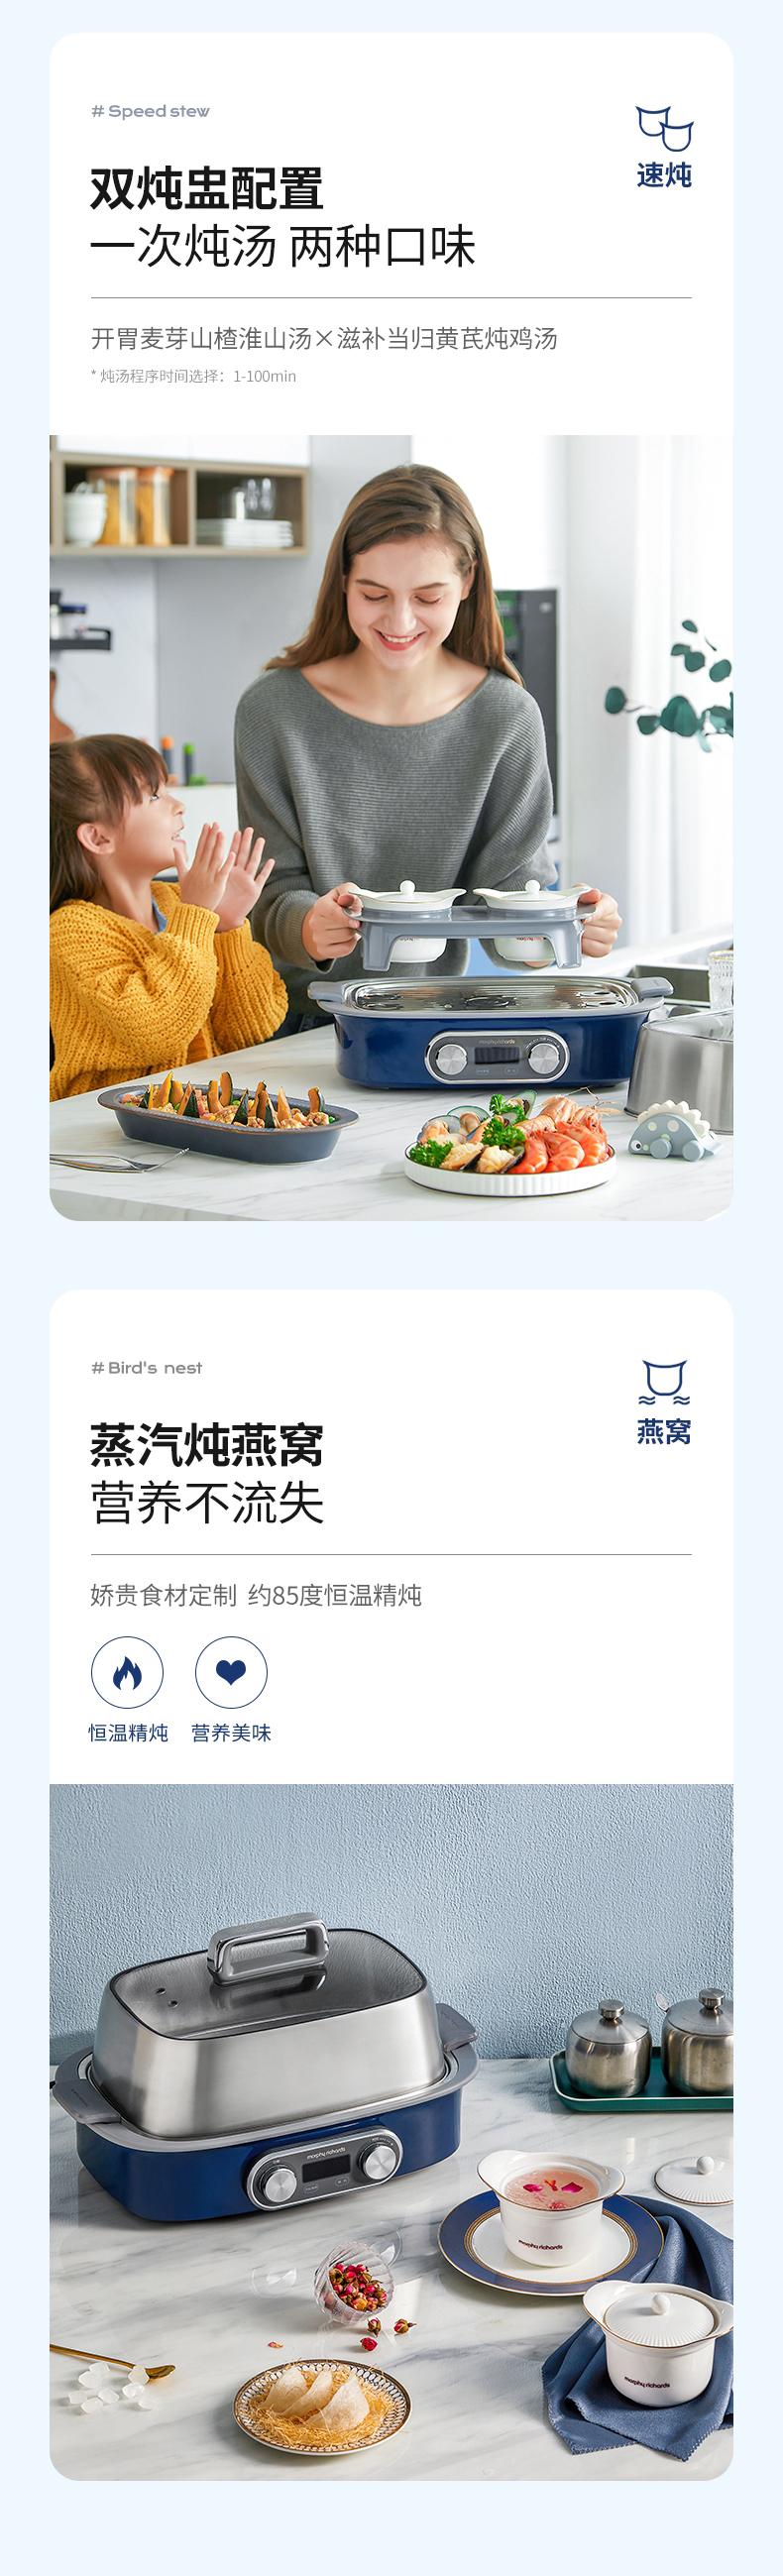 摩飞极速电蒸锅蒸汽锅多功能家用小型隔水蒸炖锅预约定时电蒸煮锅